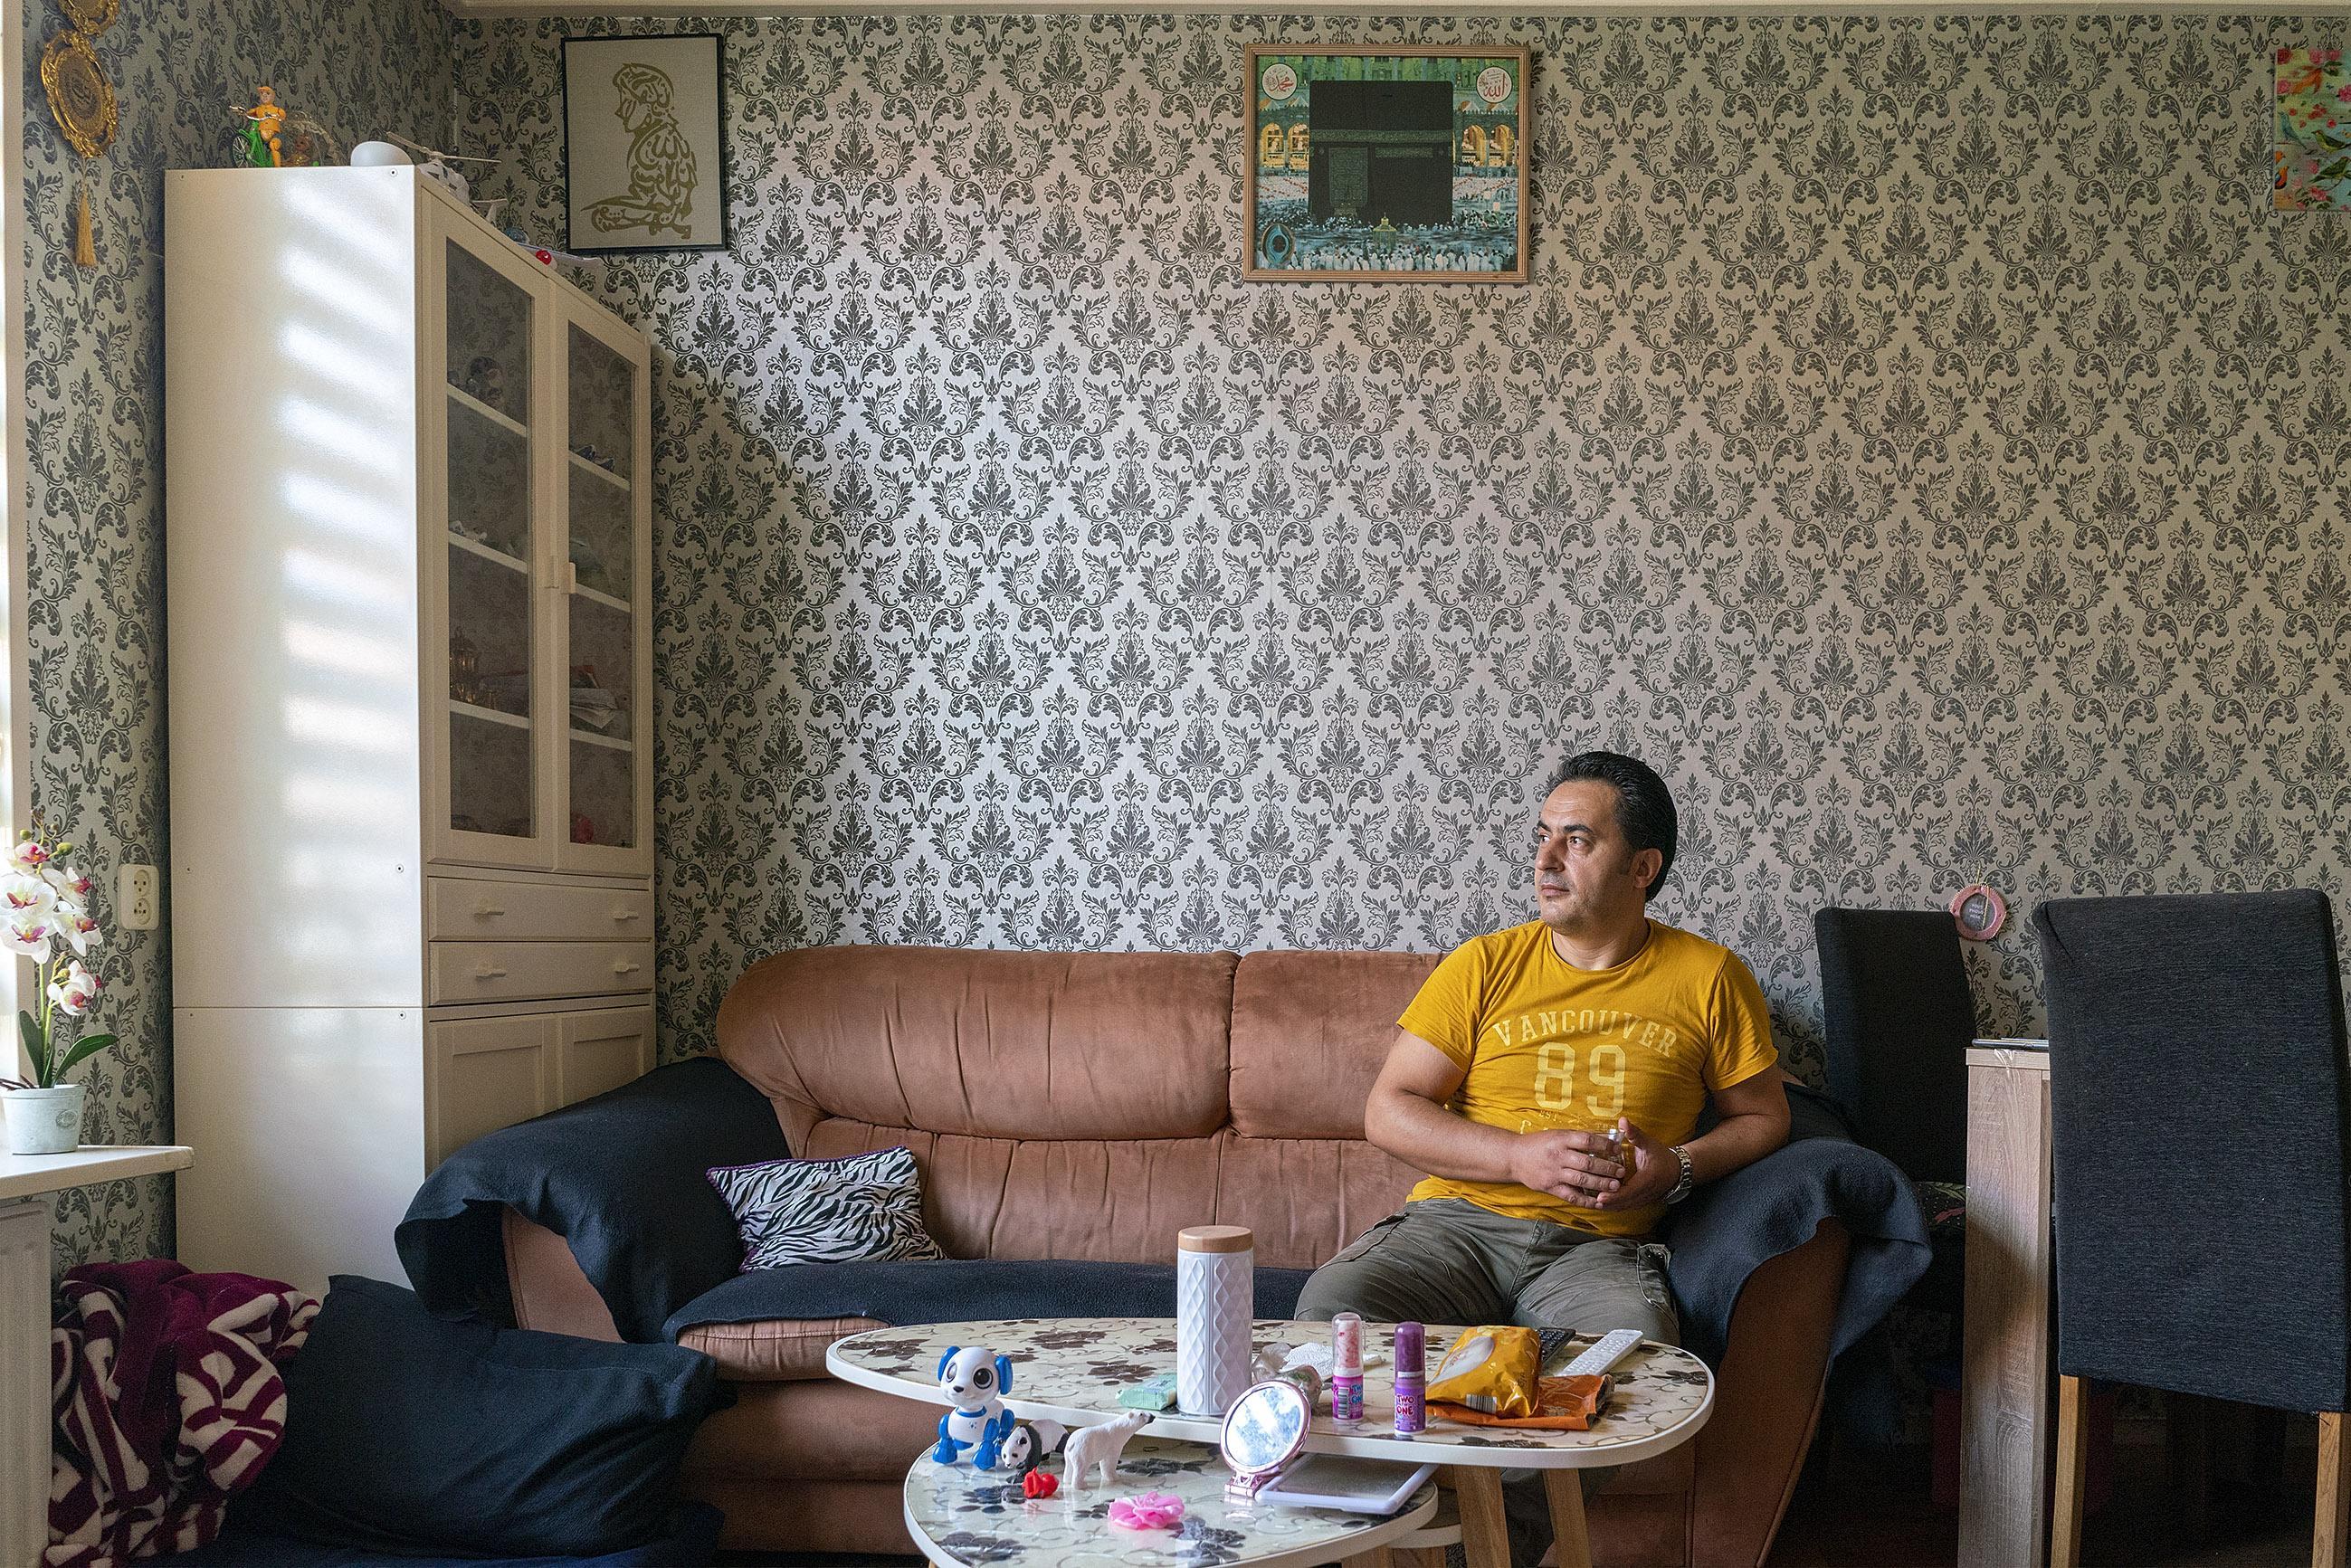 Tranen om een volksbuurt: 'Een kromme rug maakt verhuizen wel moeilijk', zegt Ibrahim Neguzel. Hij moet straks zijn huis uit, maar zijn lijf laat hem in de steek